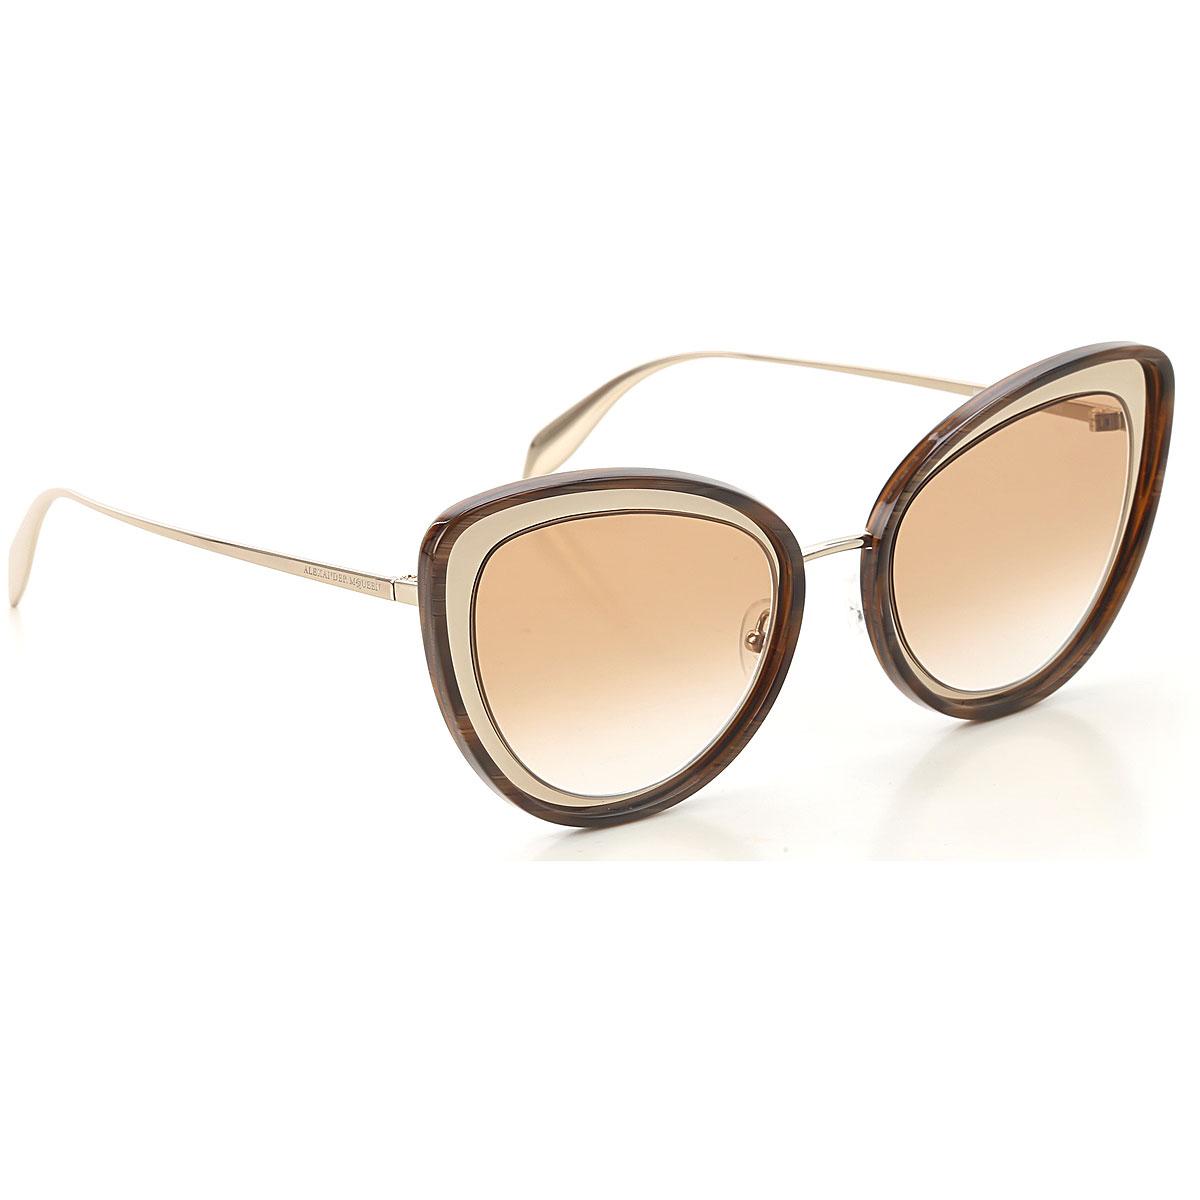 Alexander McQueen Sunglasses On Sale, Dark Havana, 2019